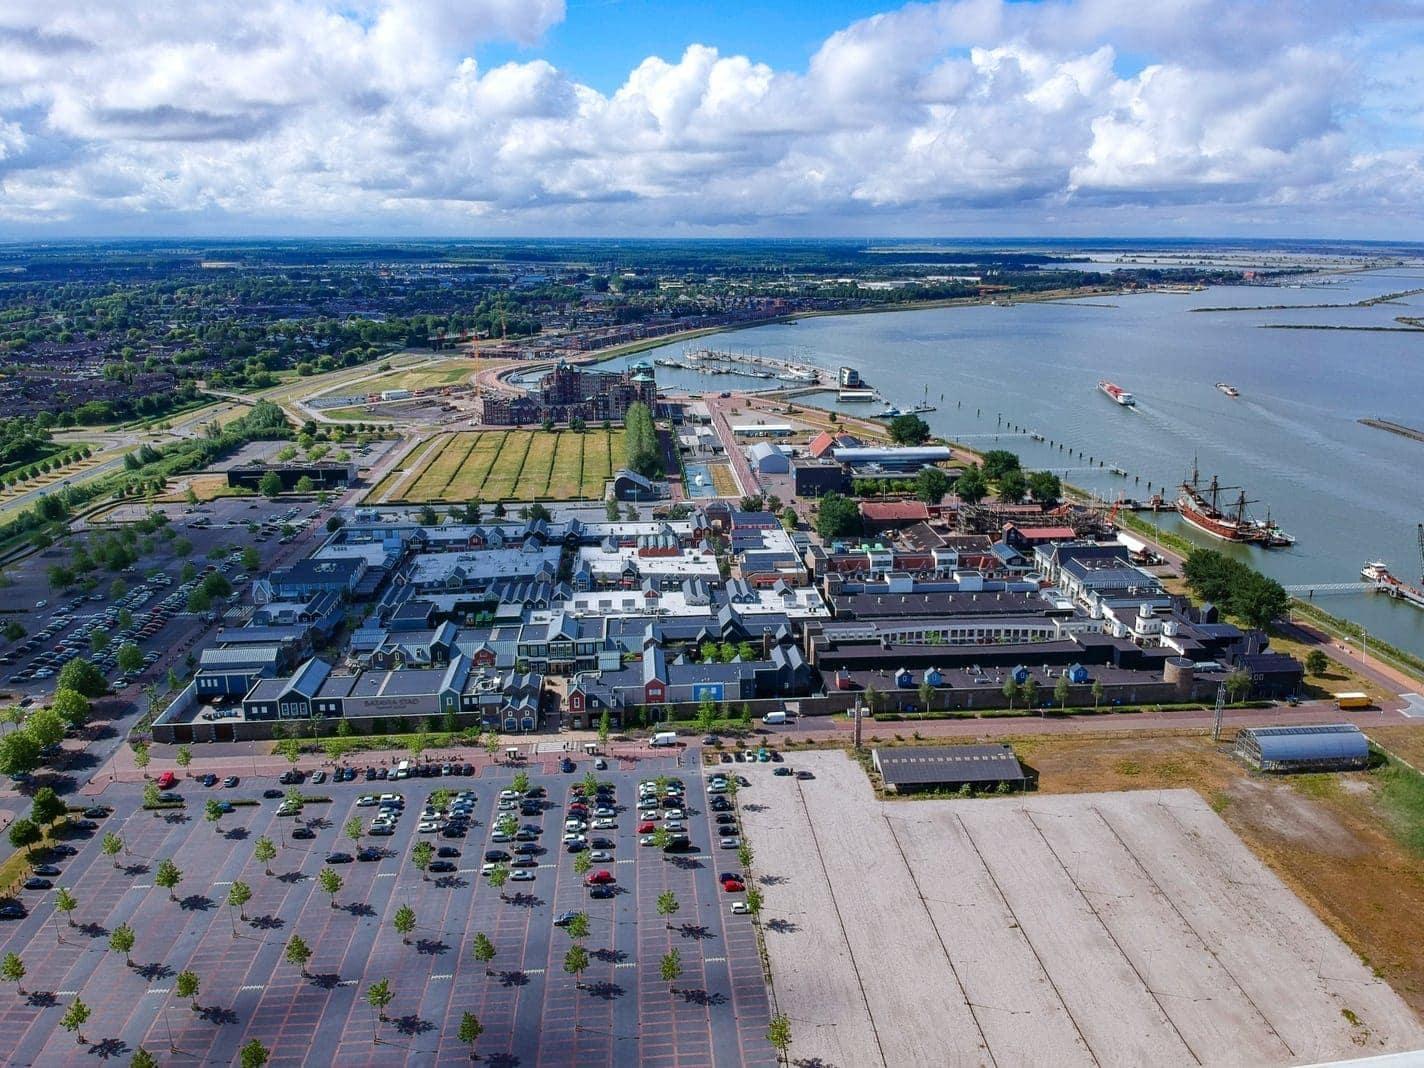 Batavia Stad Lelystad Holland